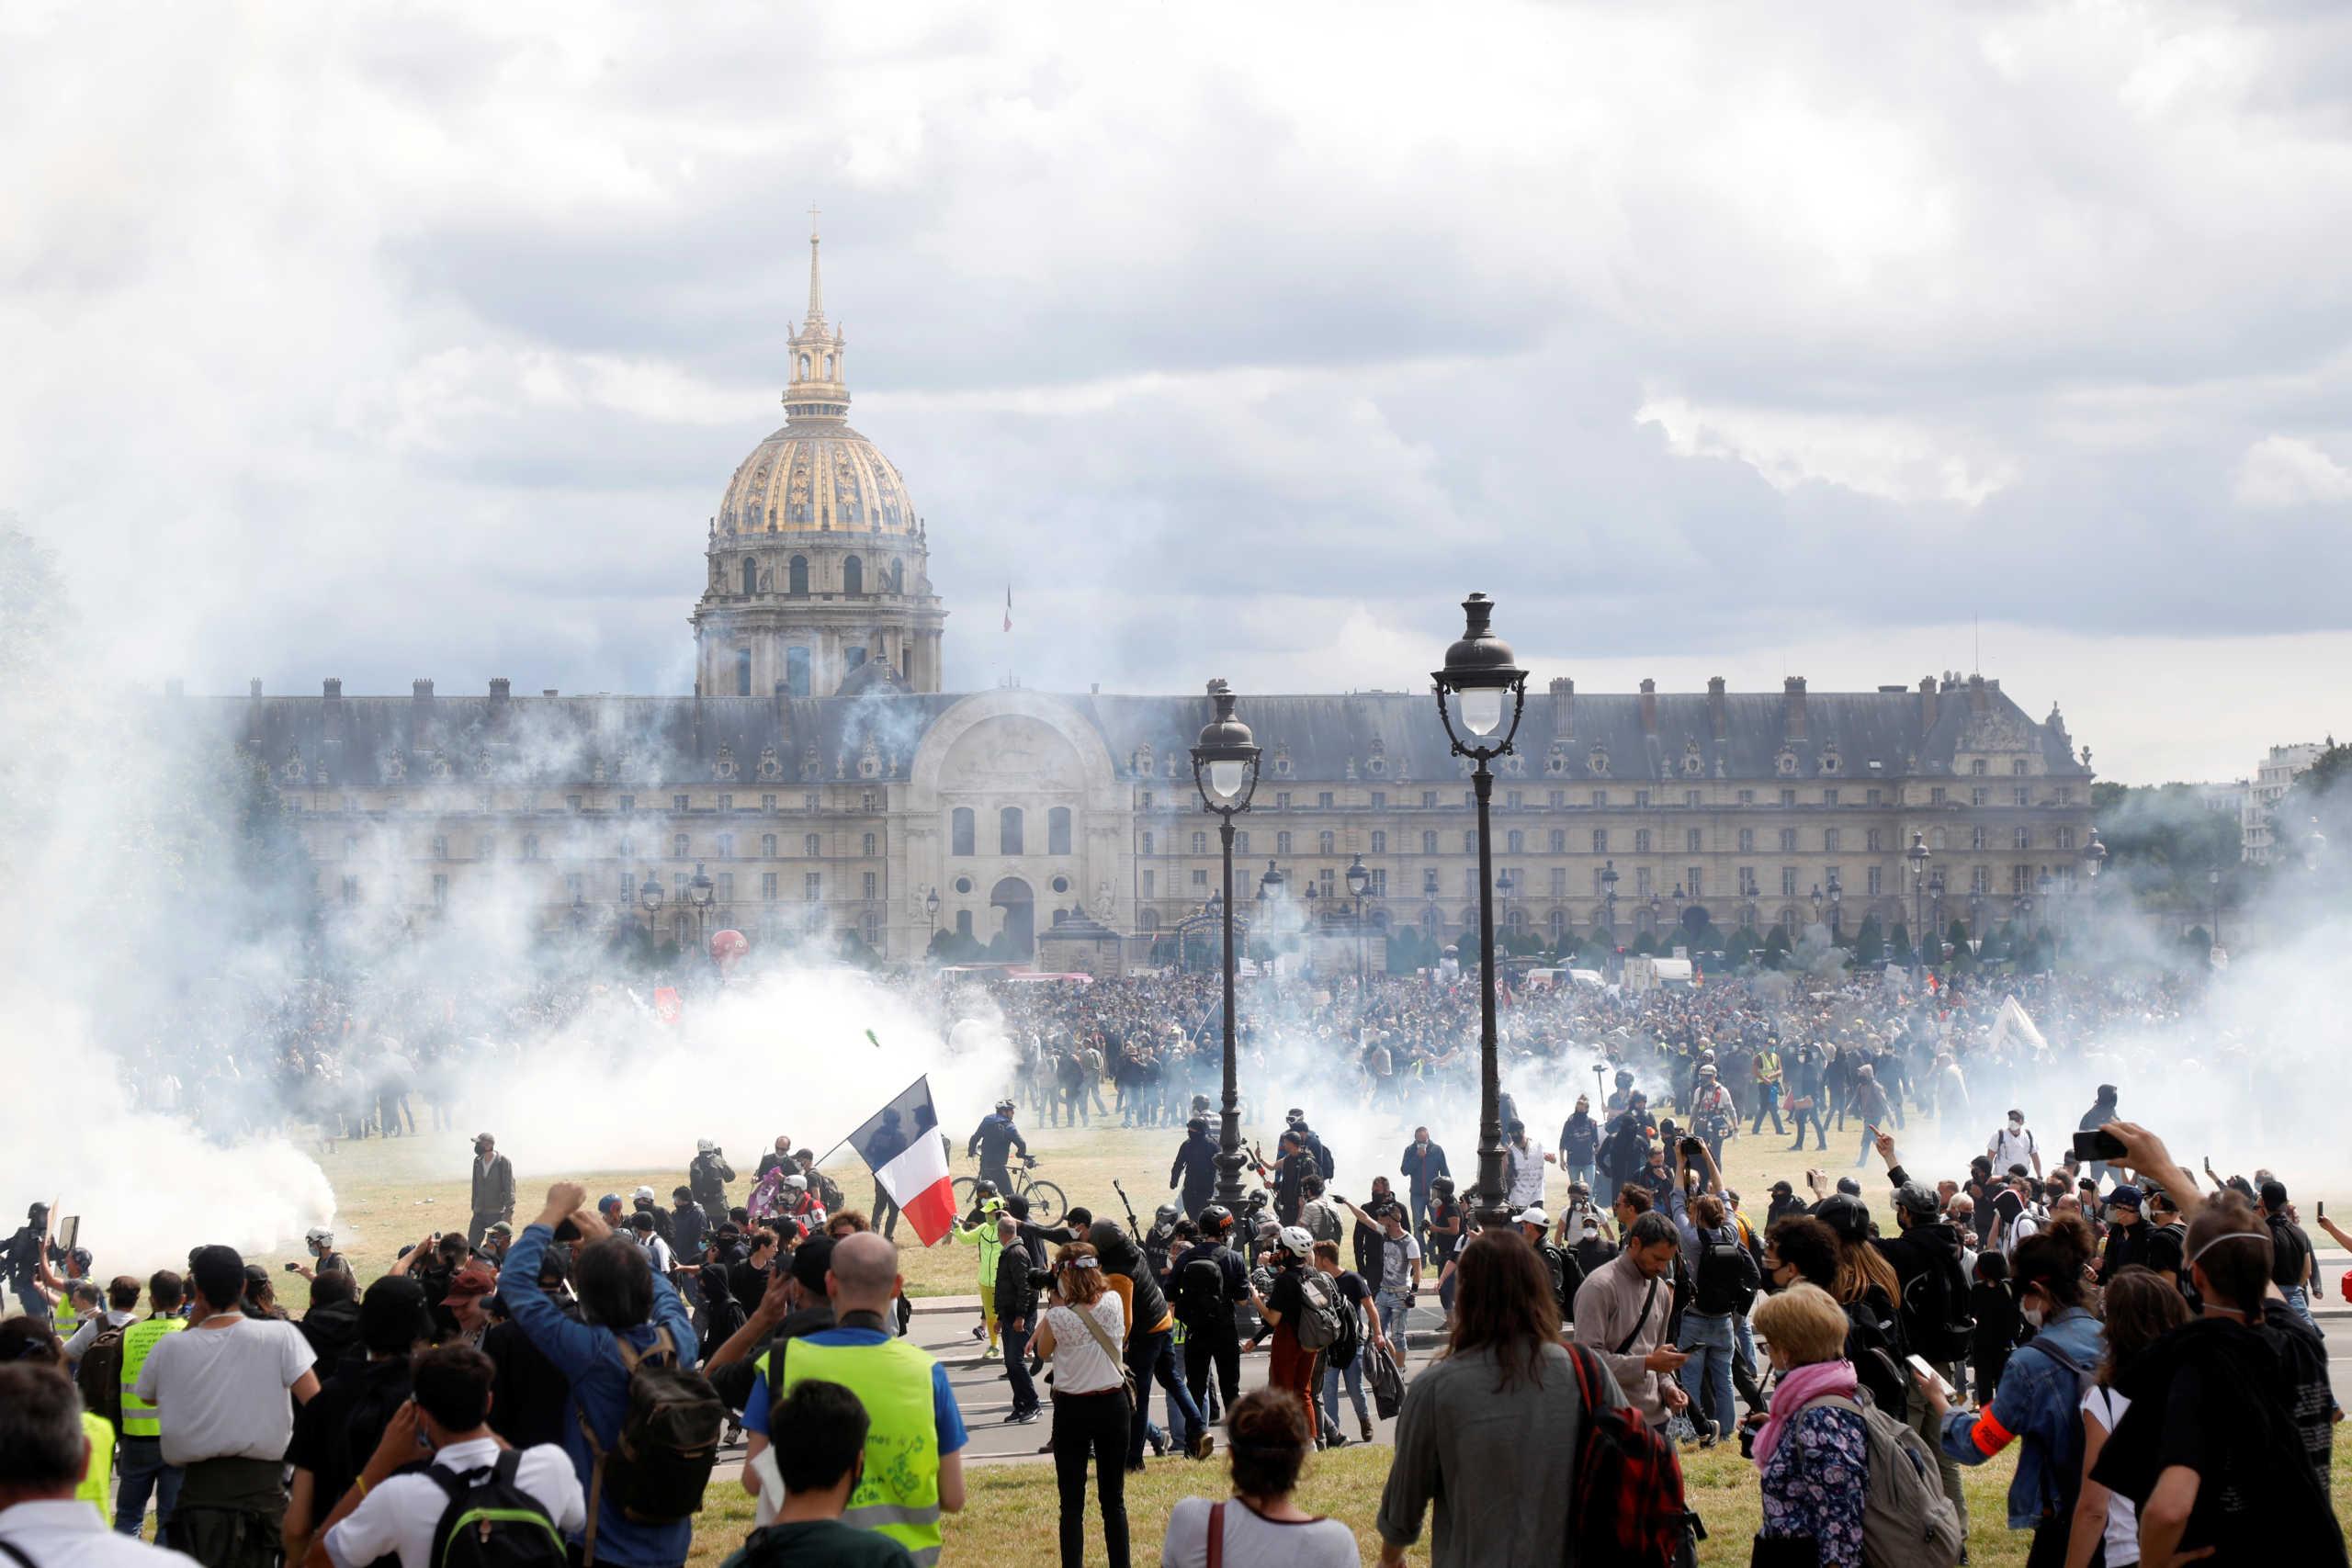 Χάος στο Παρίσι: Επεισόδια και δακρυγόνα σε διαδήλωση νοσηλευτών